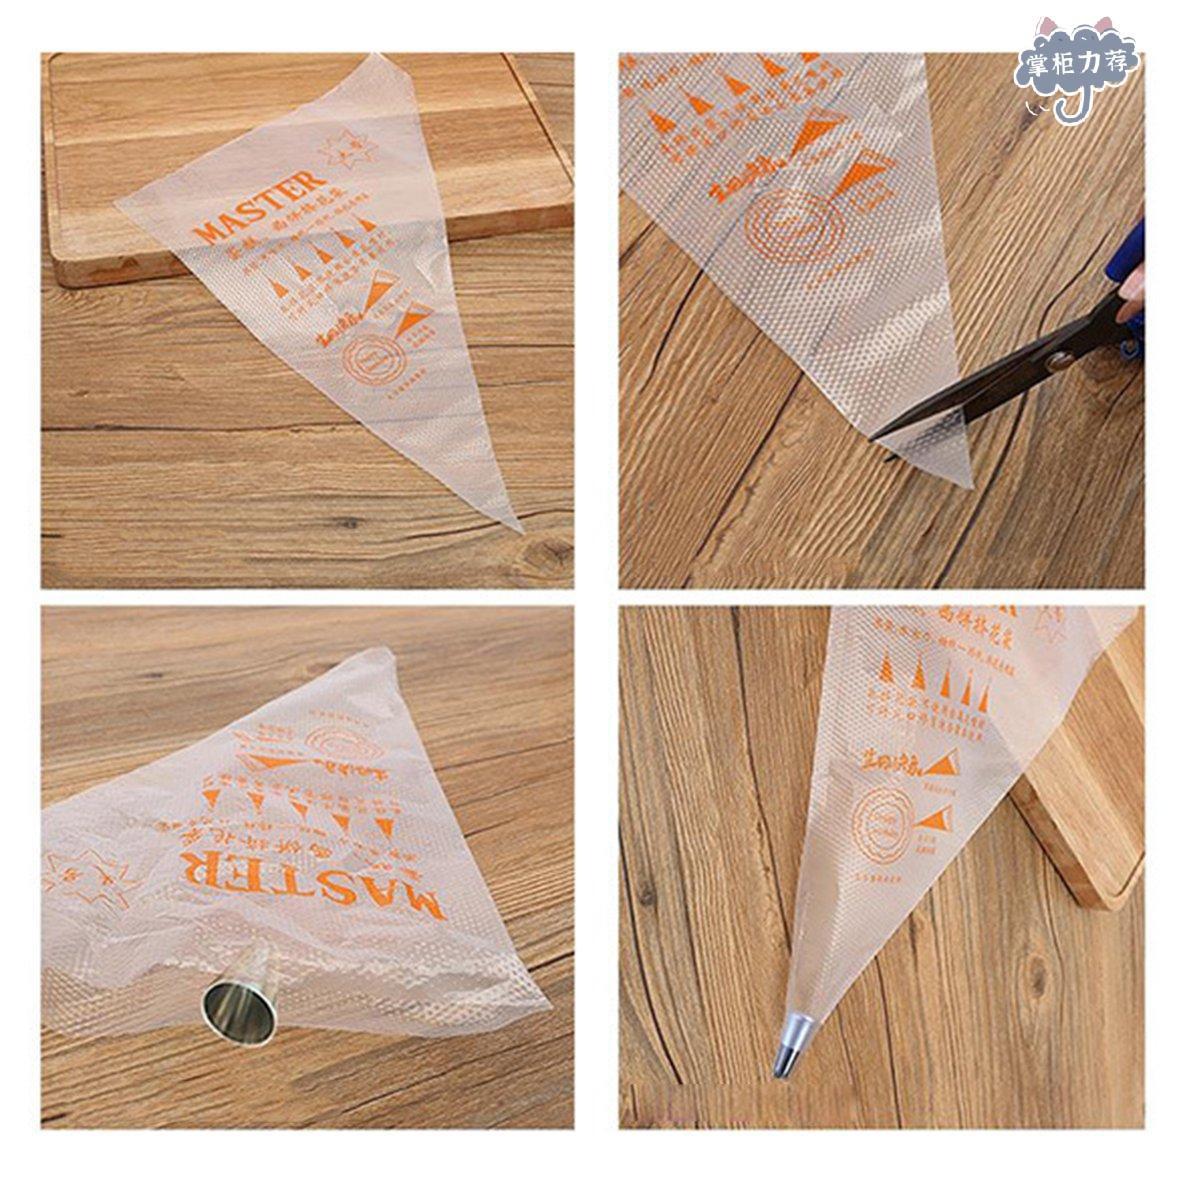 【全館免運】加厚塑料一次性糕點袋糖衣管道蛋糕紙杯蛋糕裝飾袋新品 上架